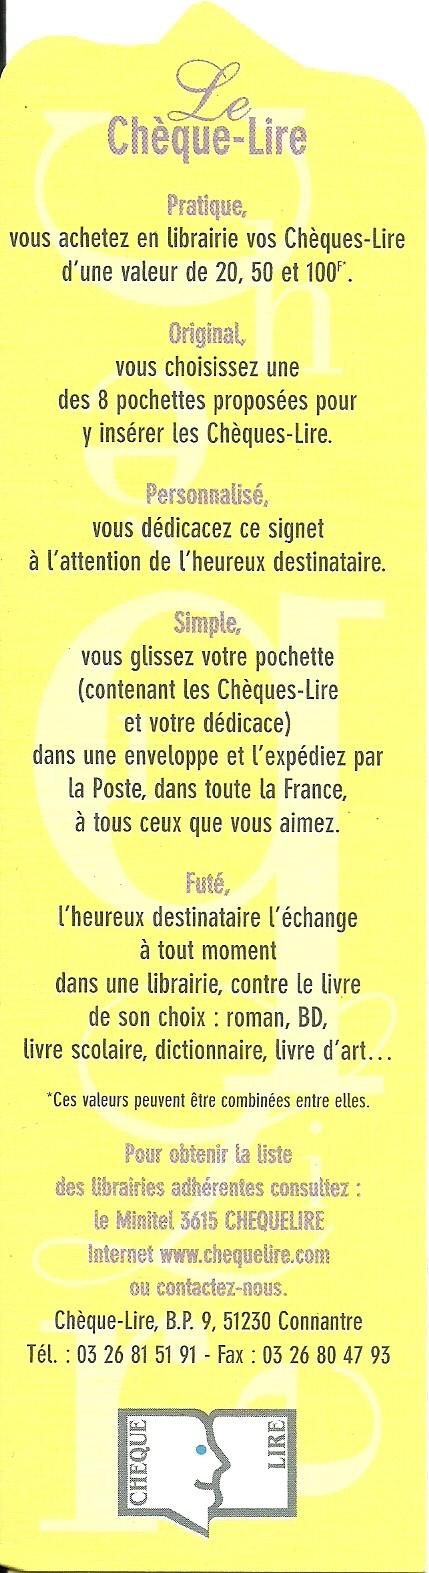 Doubles d'Alain Numar233